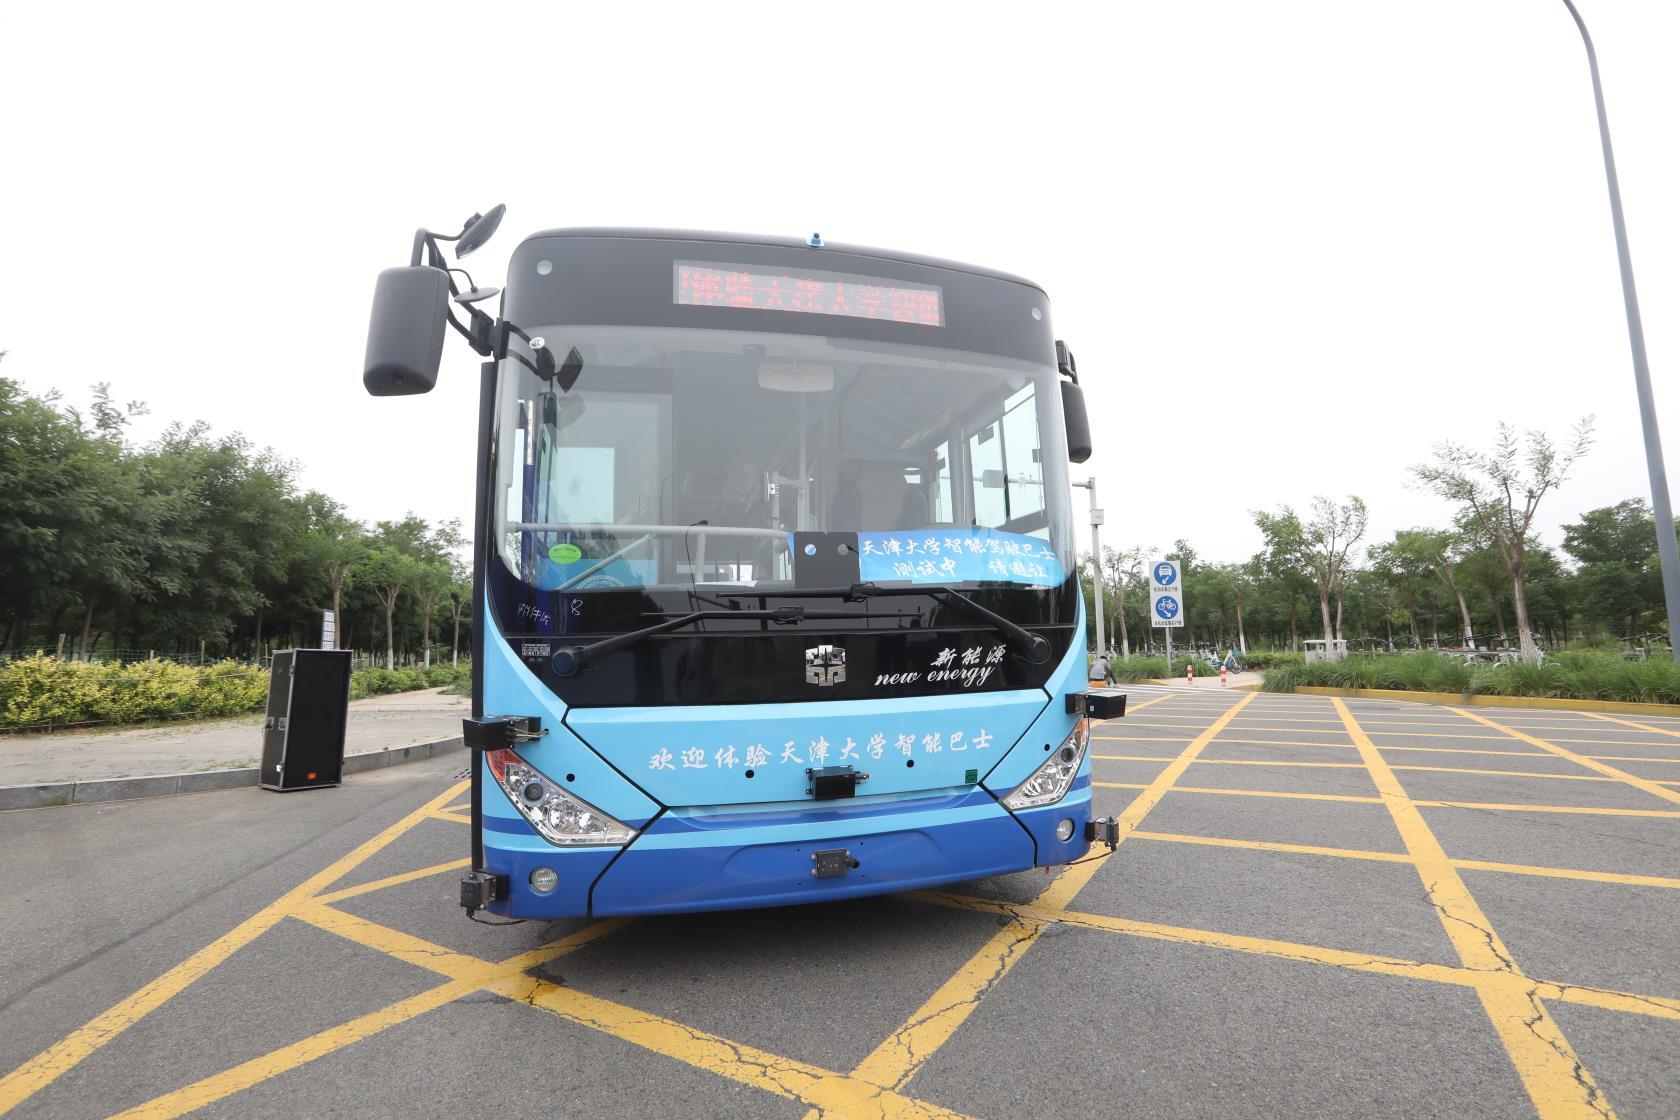 Smart bus lane pilot launched in Tianjin Haihe Education Zone